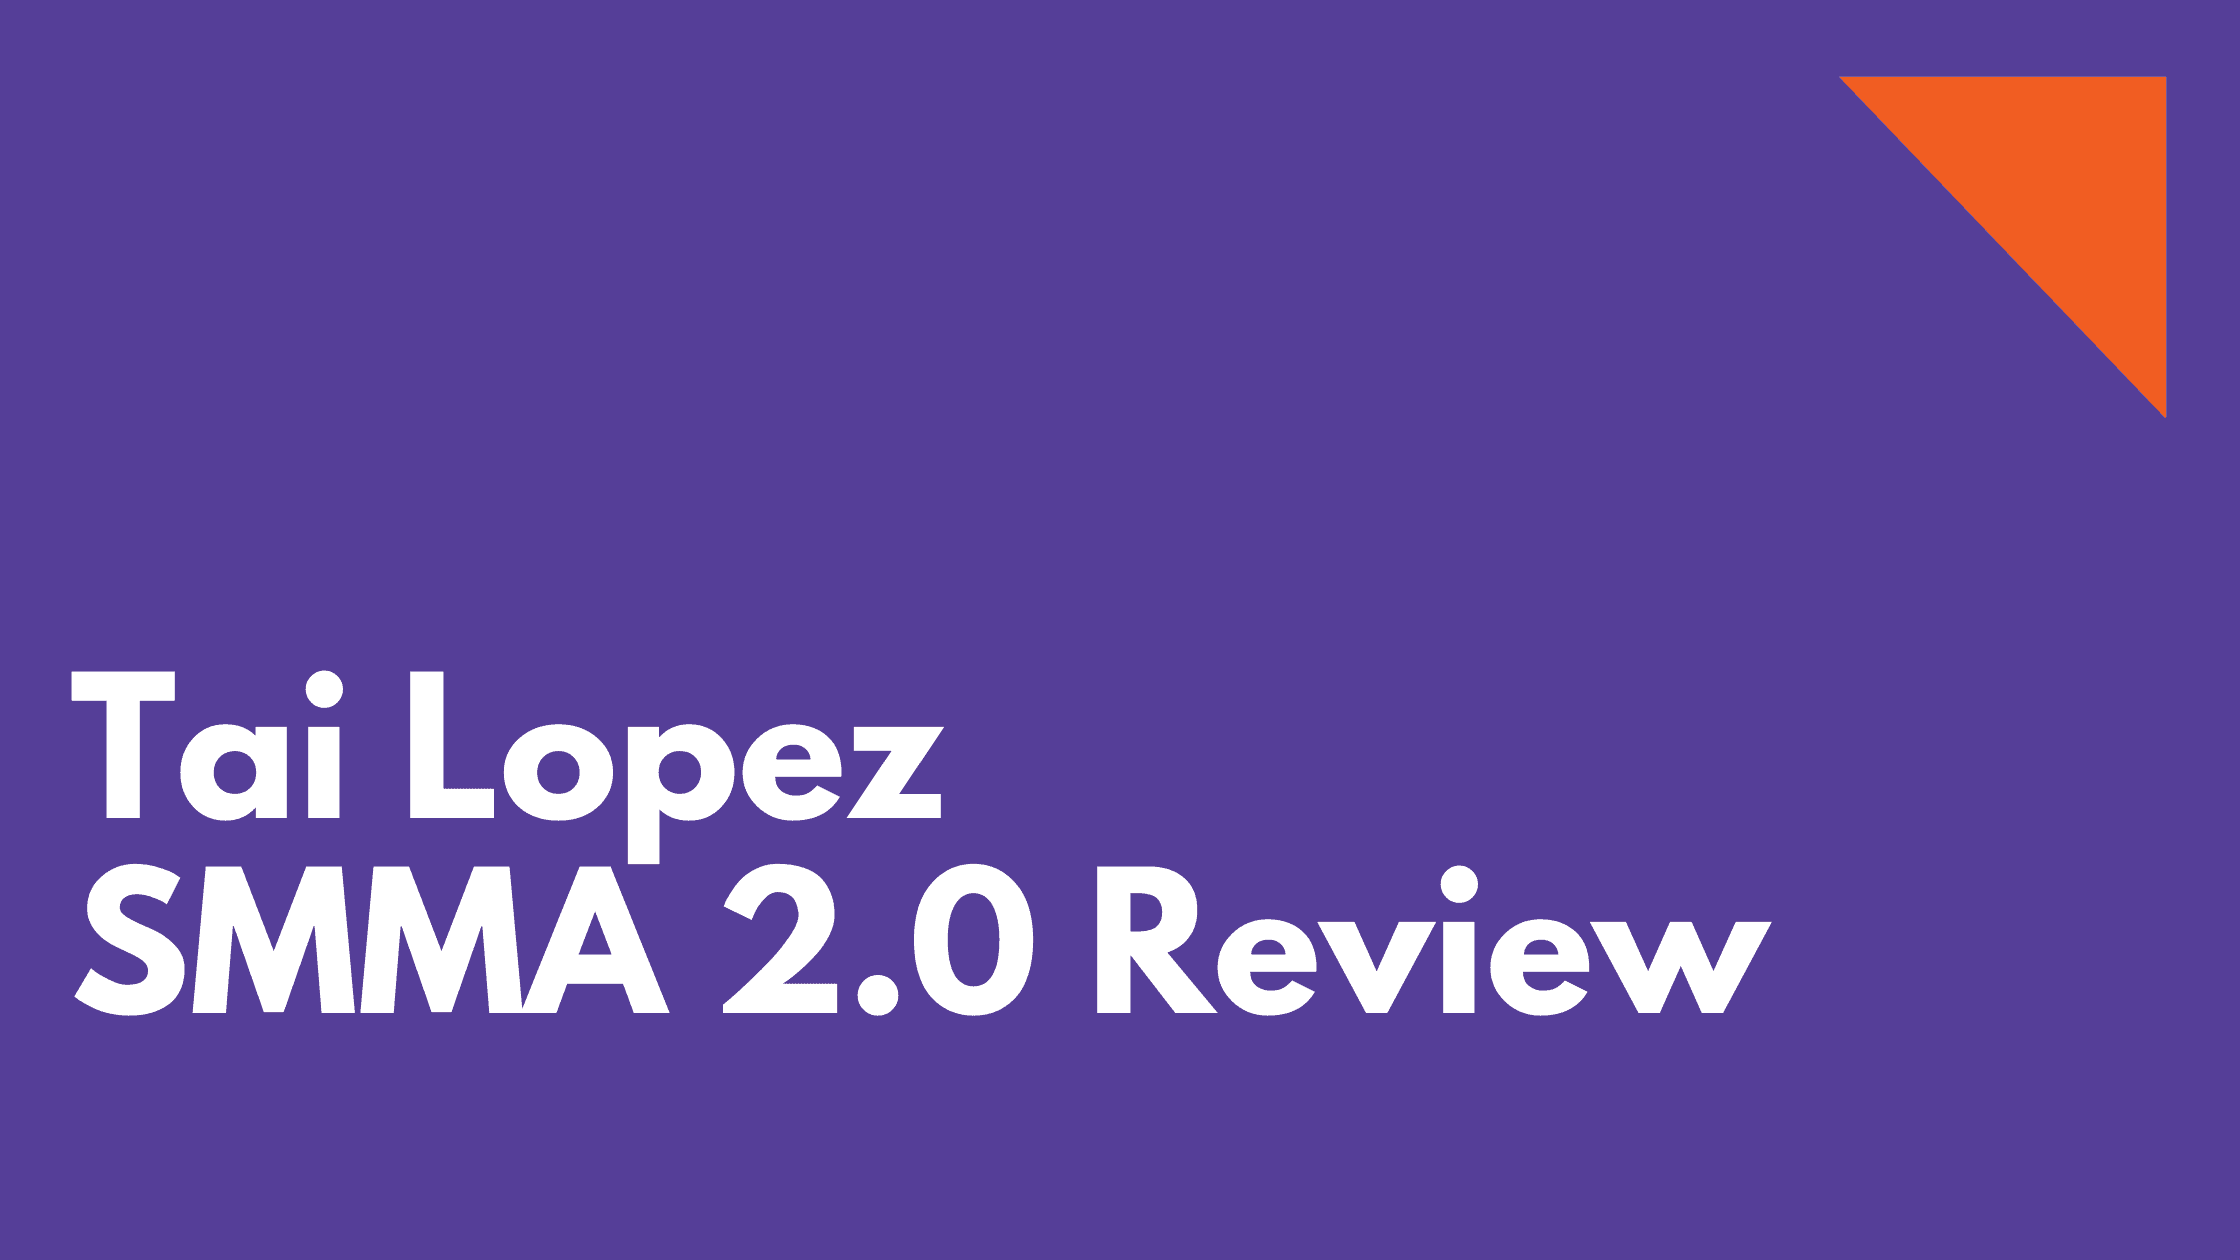 Tai Lopez SMMA 2.0